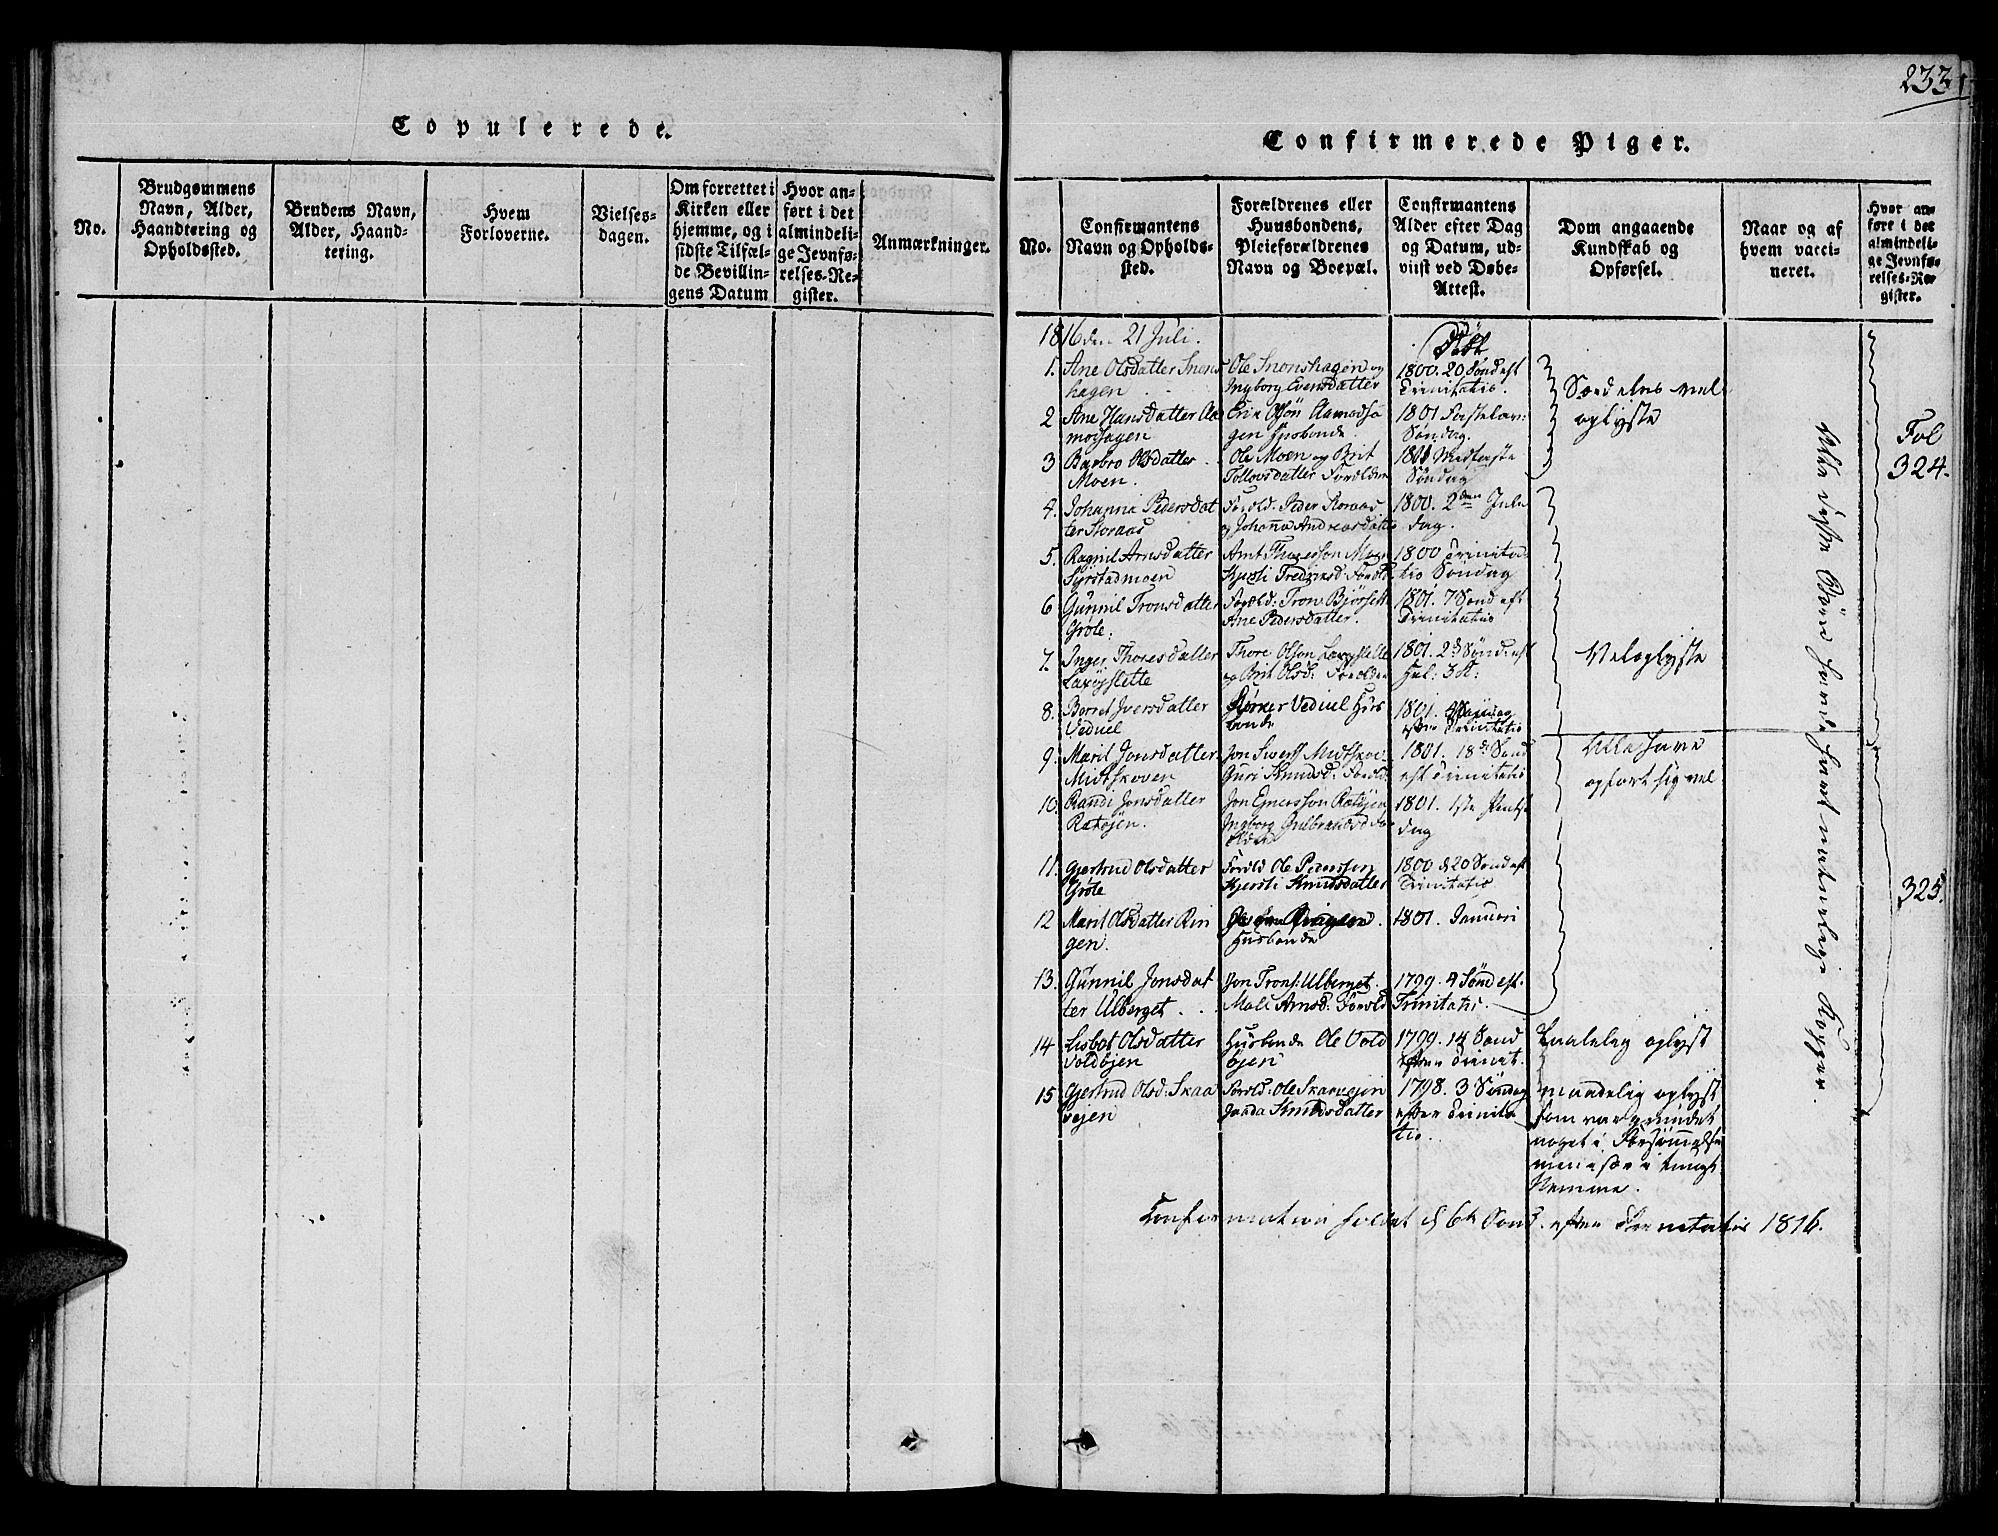 SAT, Ministerialprotokoller, klokkerbøker og fødselsregistre - Sør-Trøndelag, 672/L0853: Ministerialbok nr. 672A06 /1, 1816-1829, s. 233